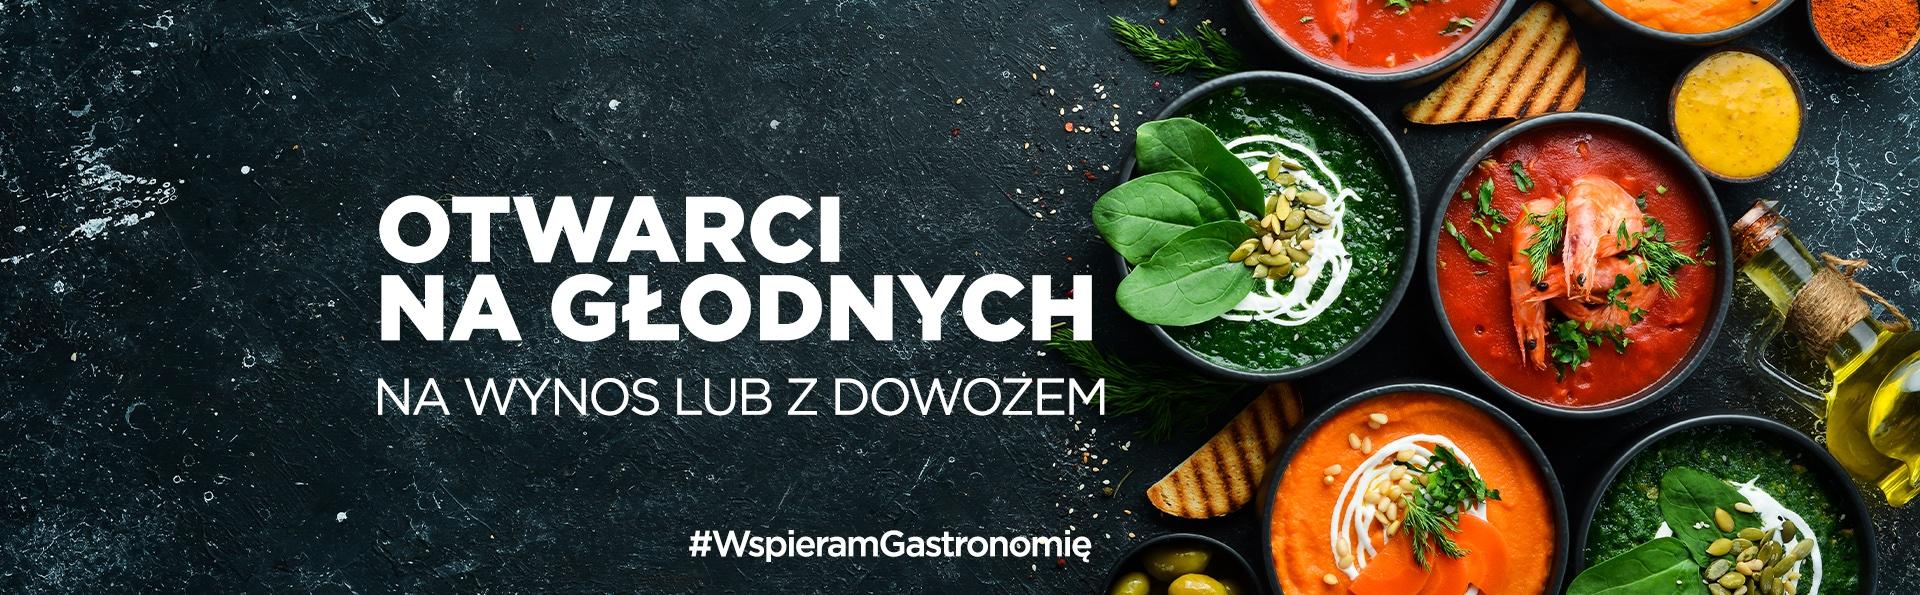 Wspieramy Gastronomię